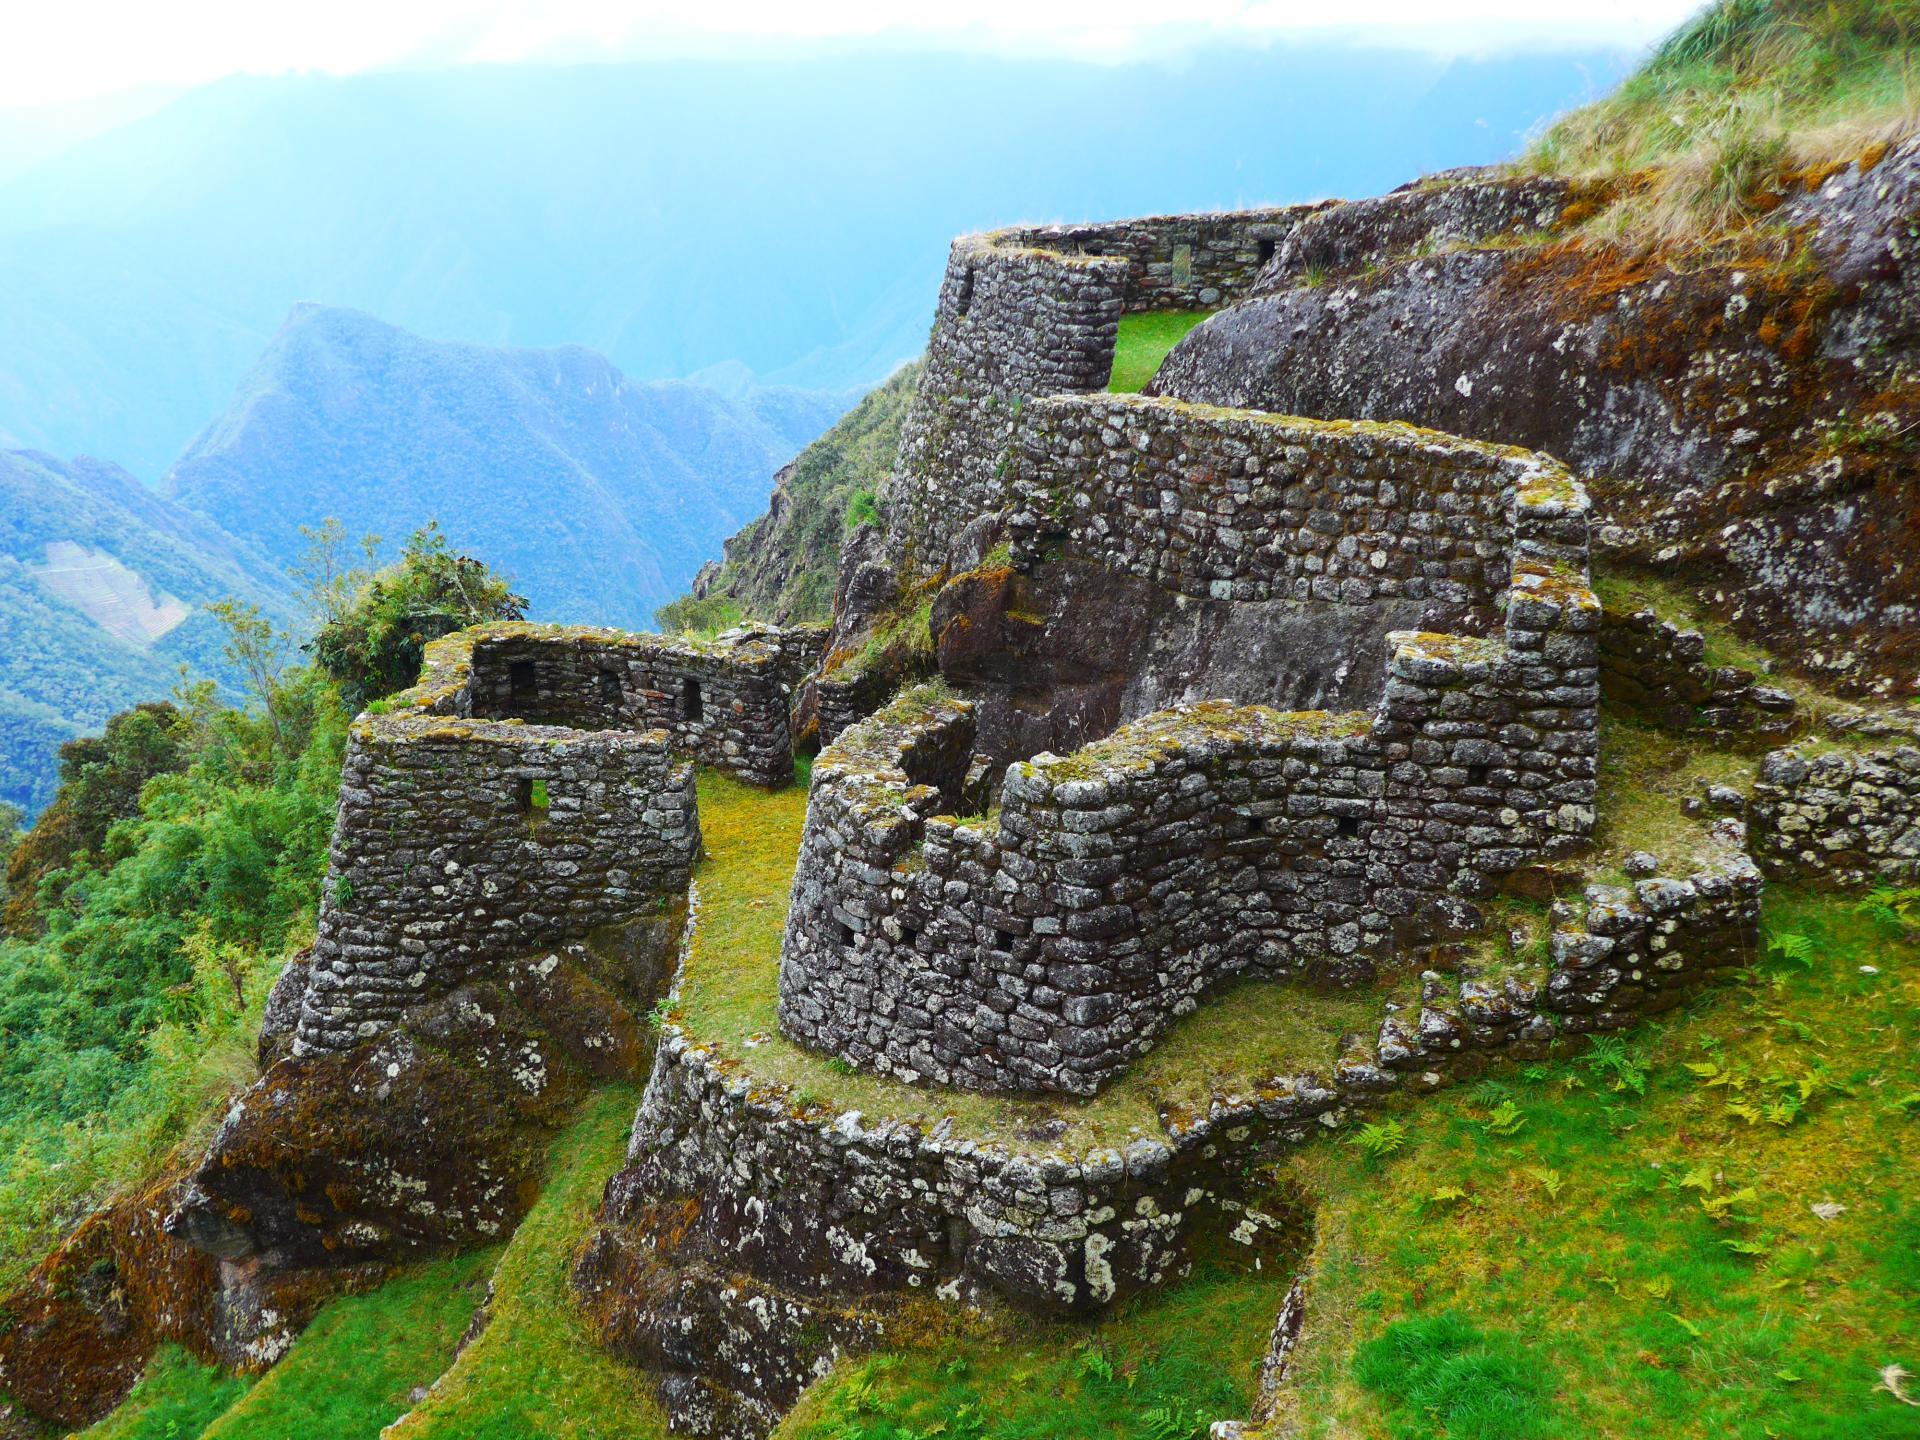 Erleben Sie eine Trekkingreise in Peru mit uns und wandern Sie bis nach Machu Picchu